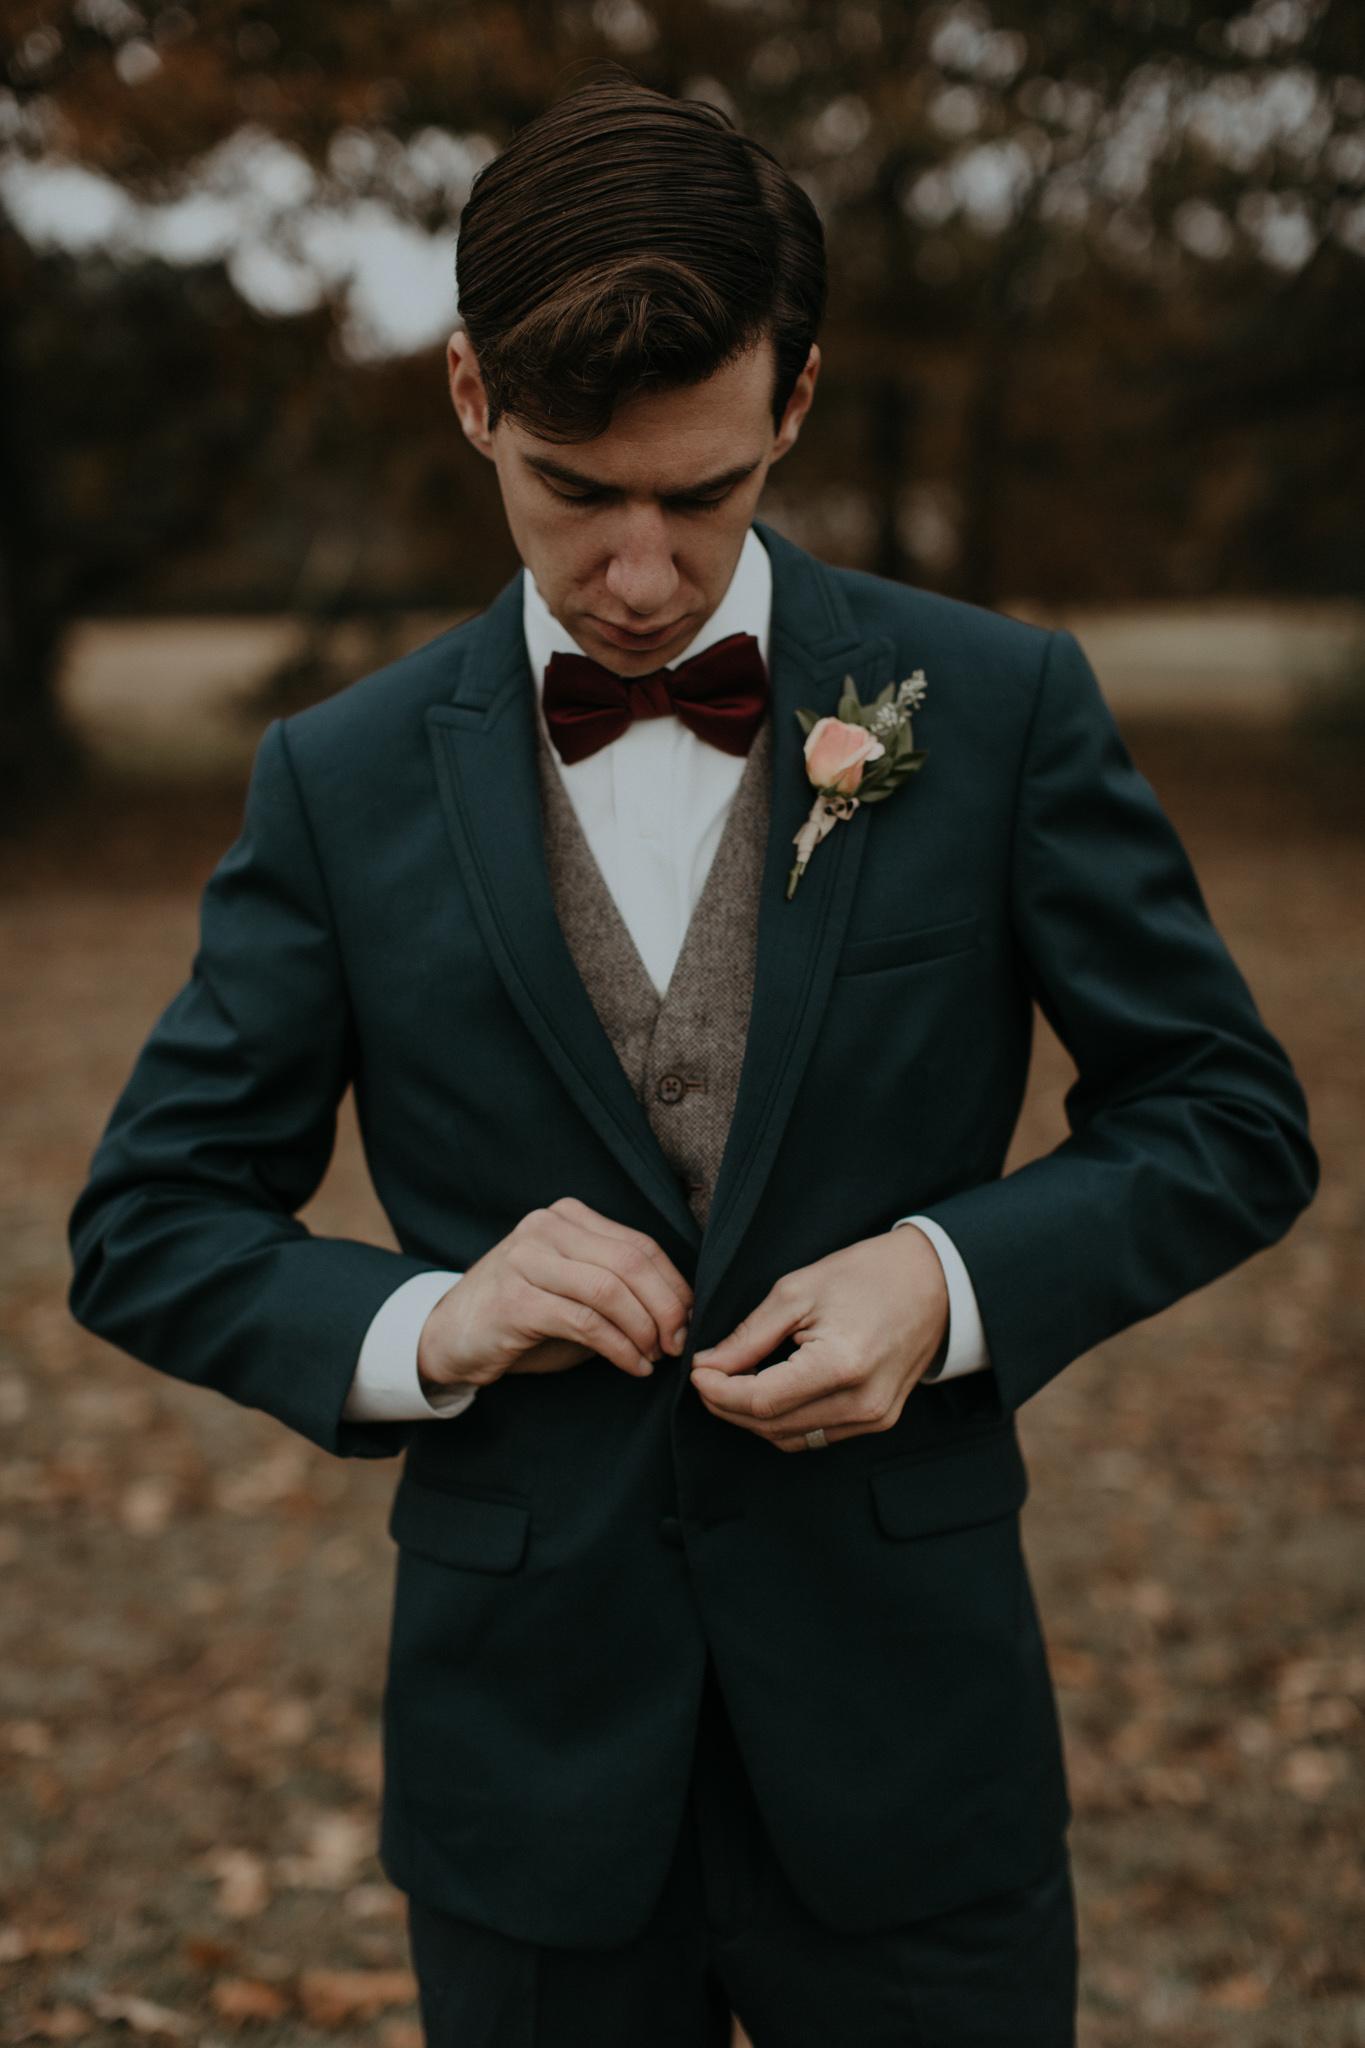 Hunter Green Groom's Suit